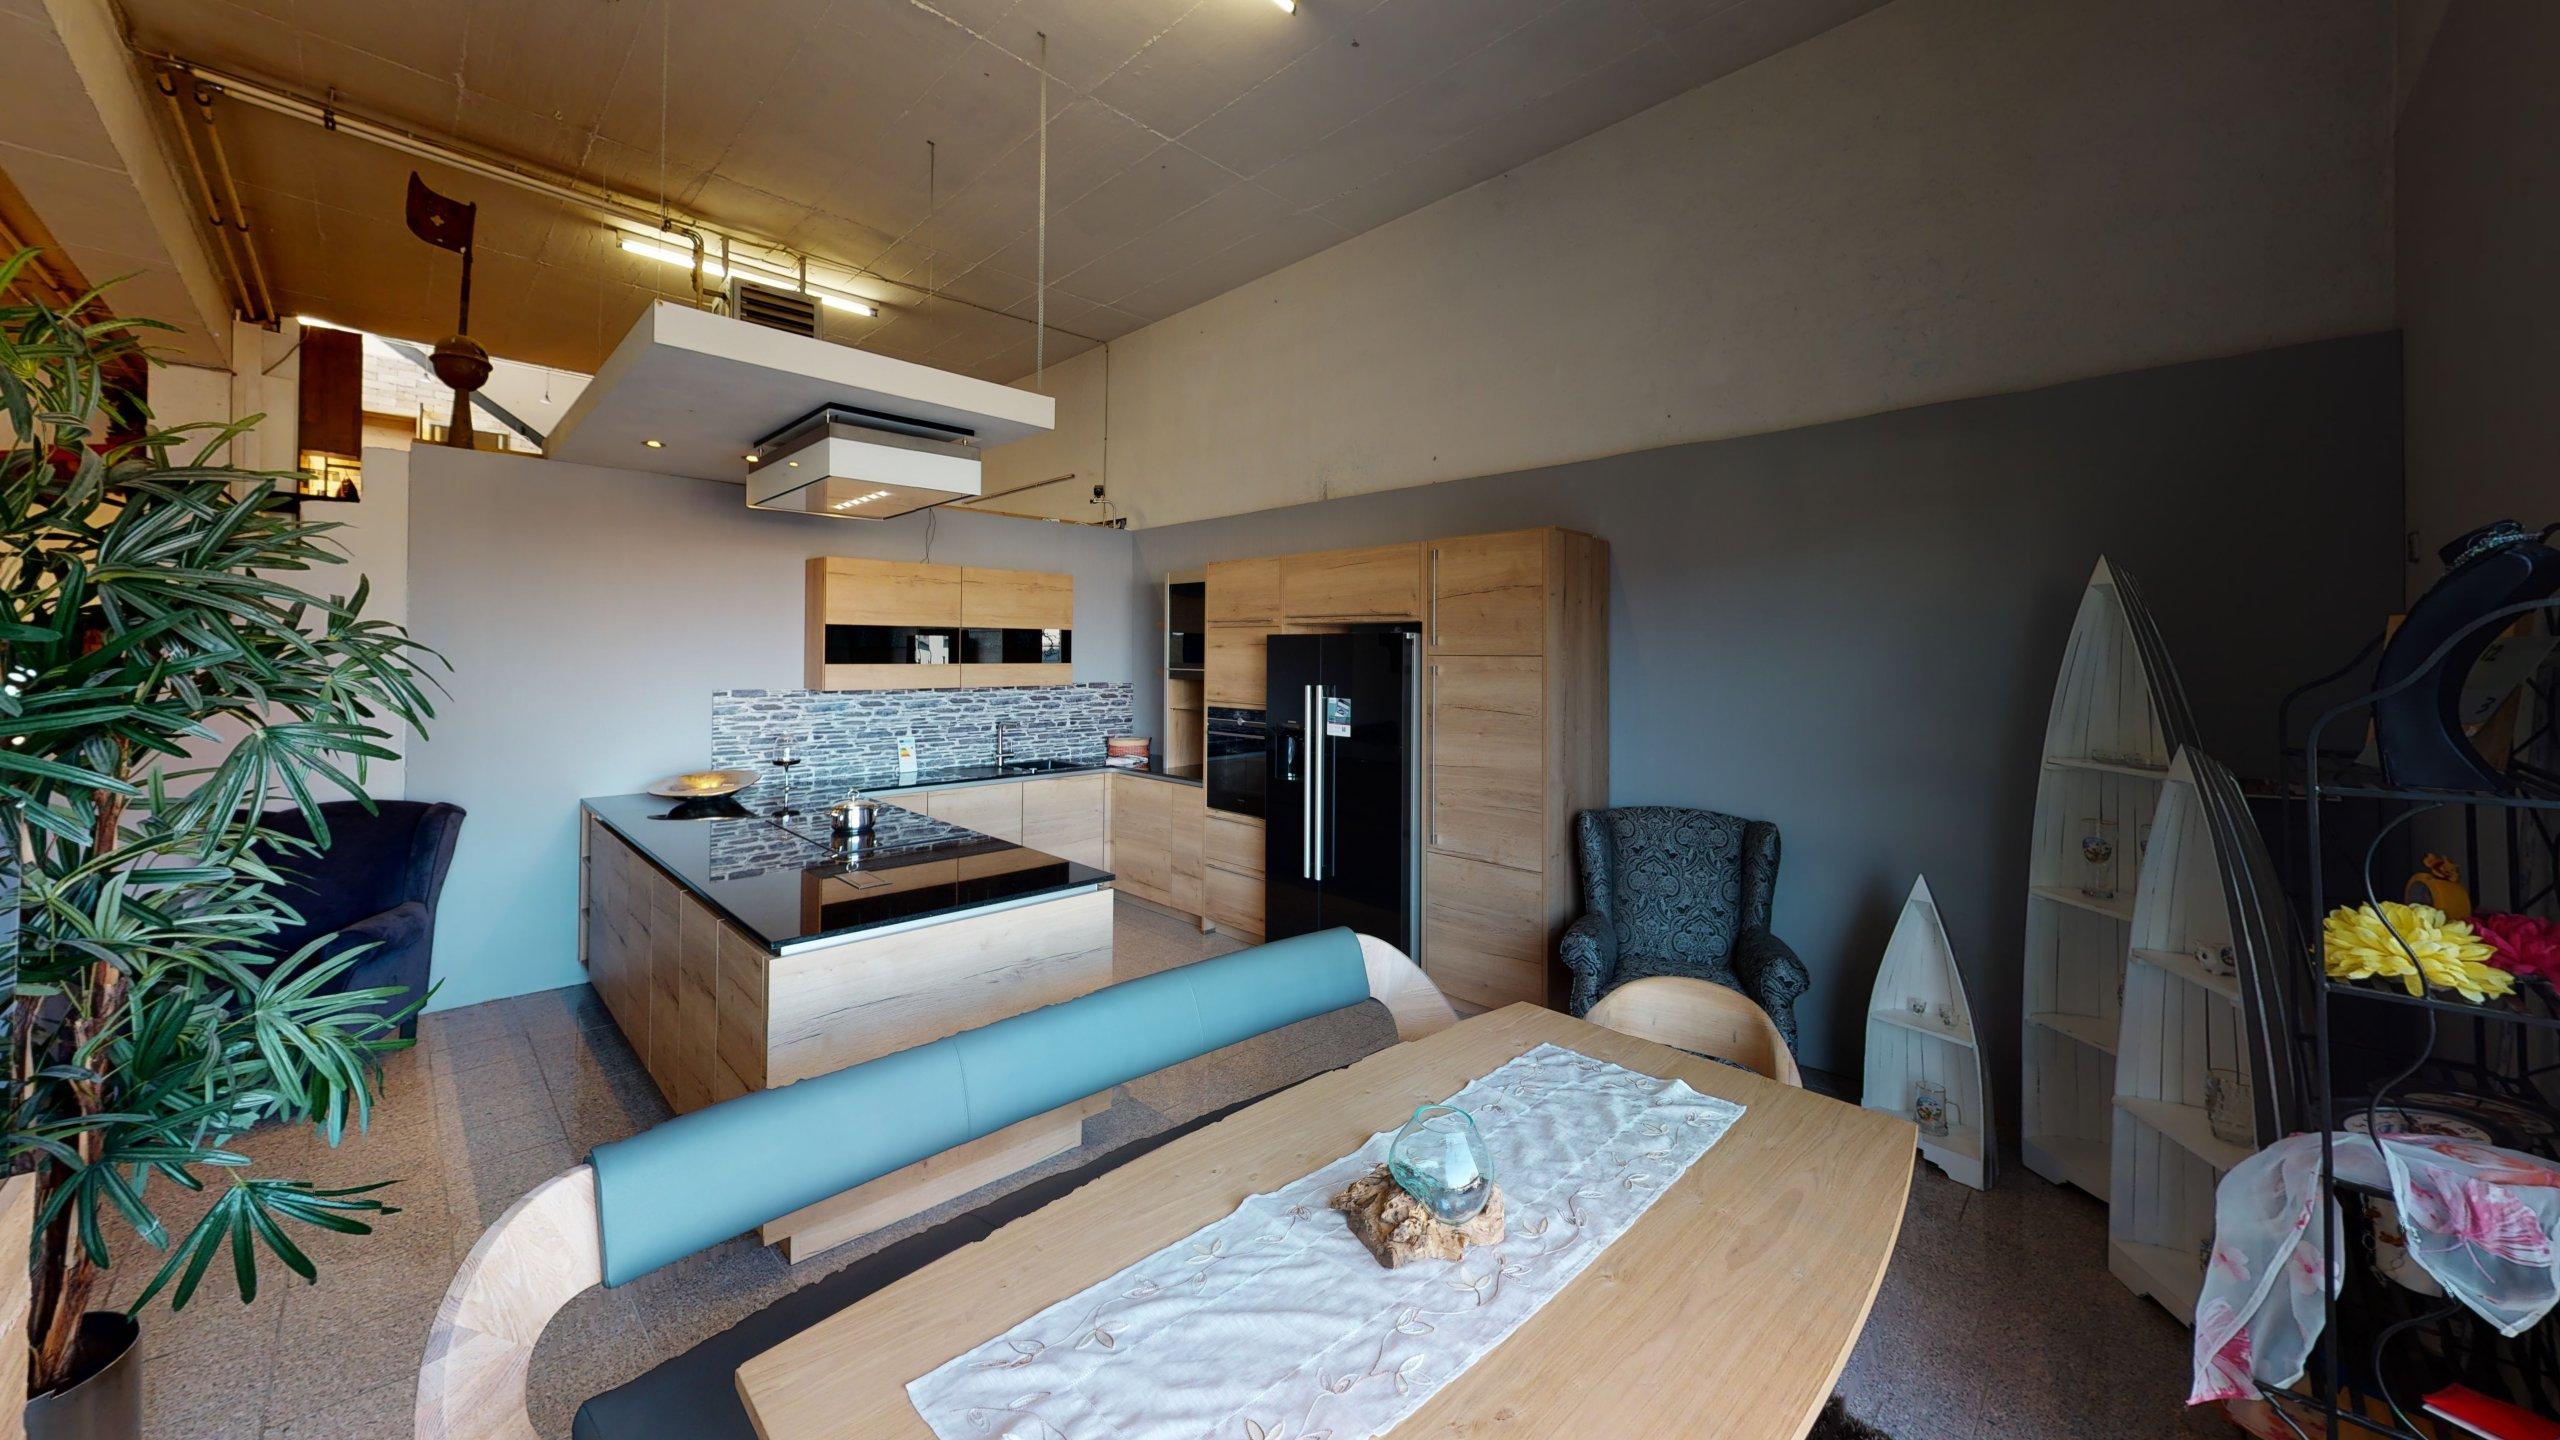 Top Quali Küche Möbel Dengler